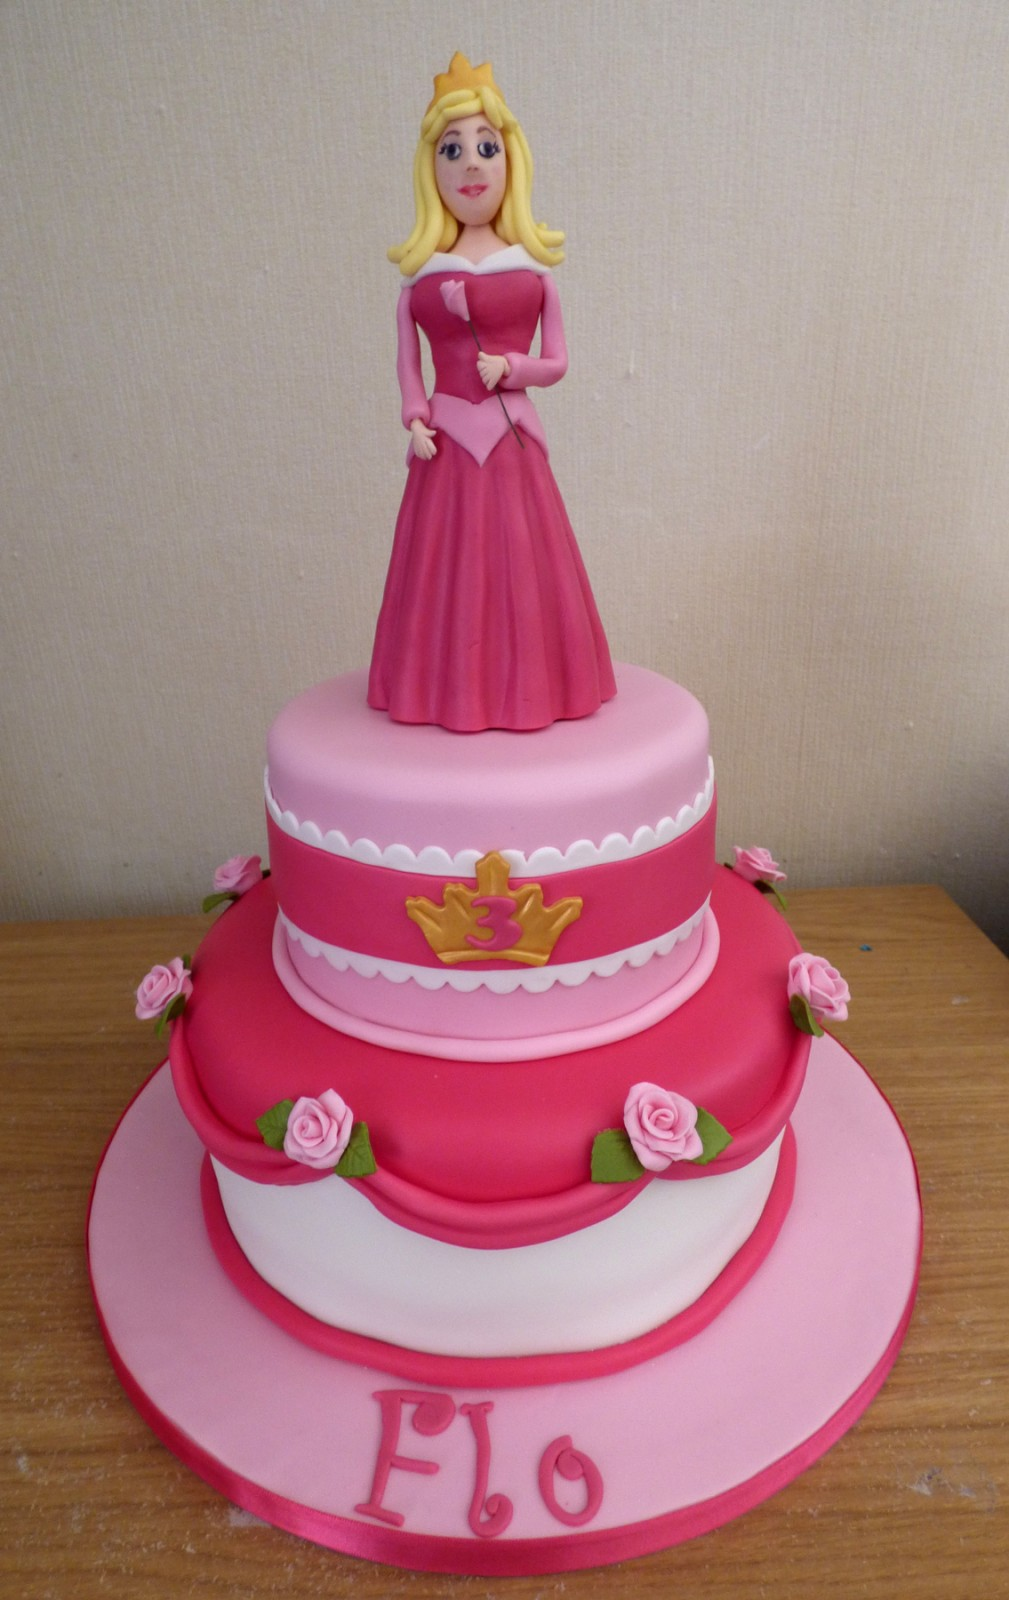 Pleasing 2 Tier Sleeping Beauty Princess Birthday Cake Susies Cakes Personalised Birthday Cards Paralily Jamesorg